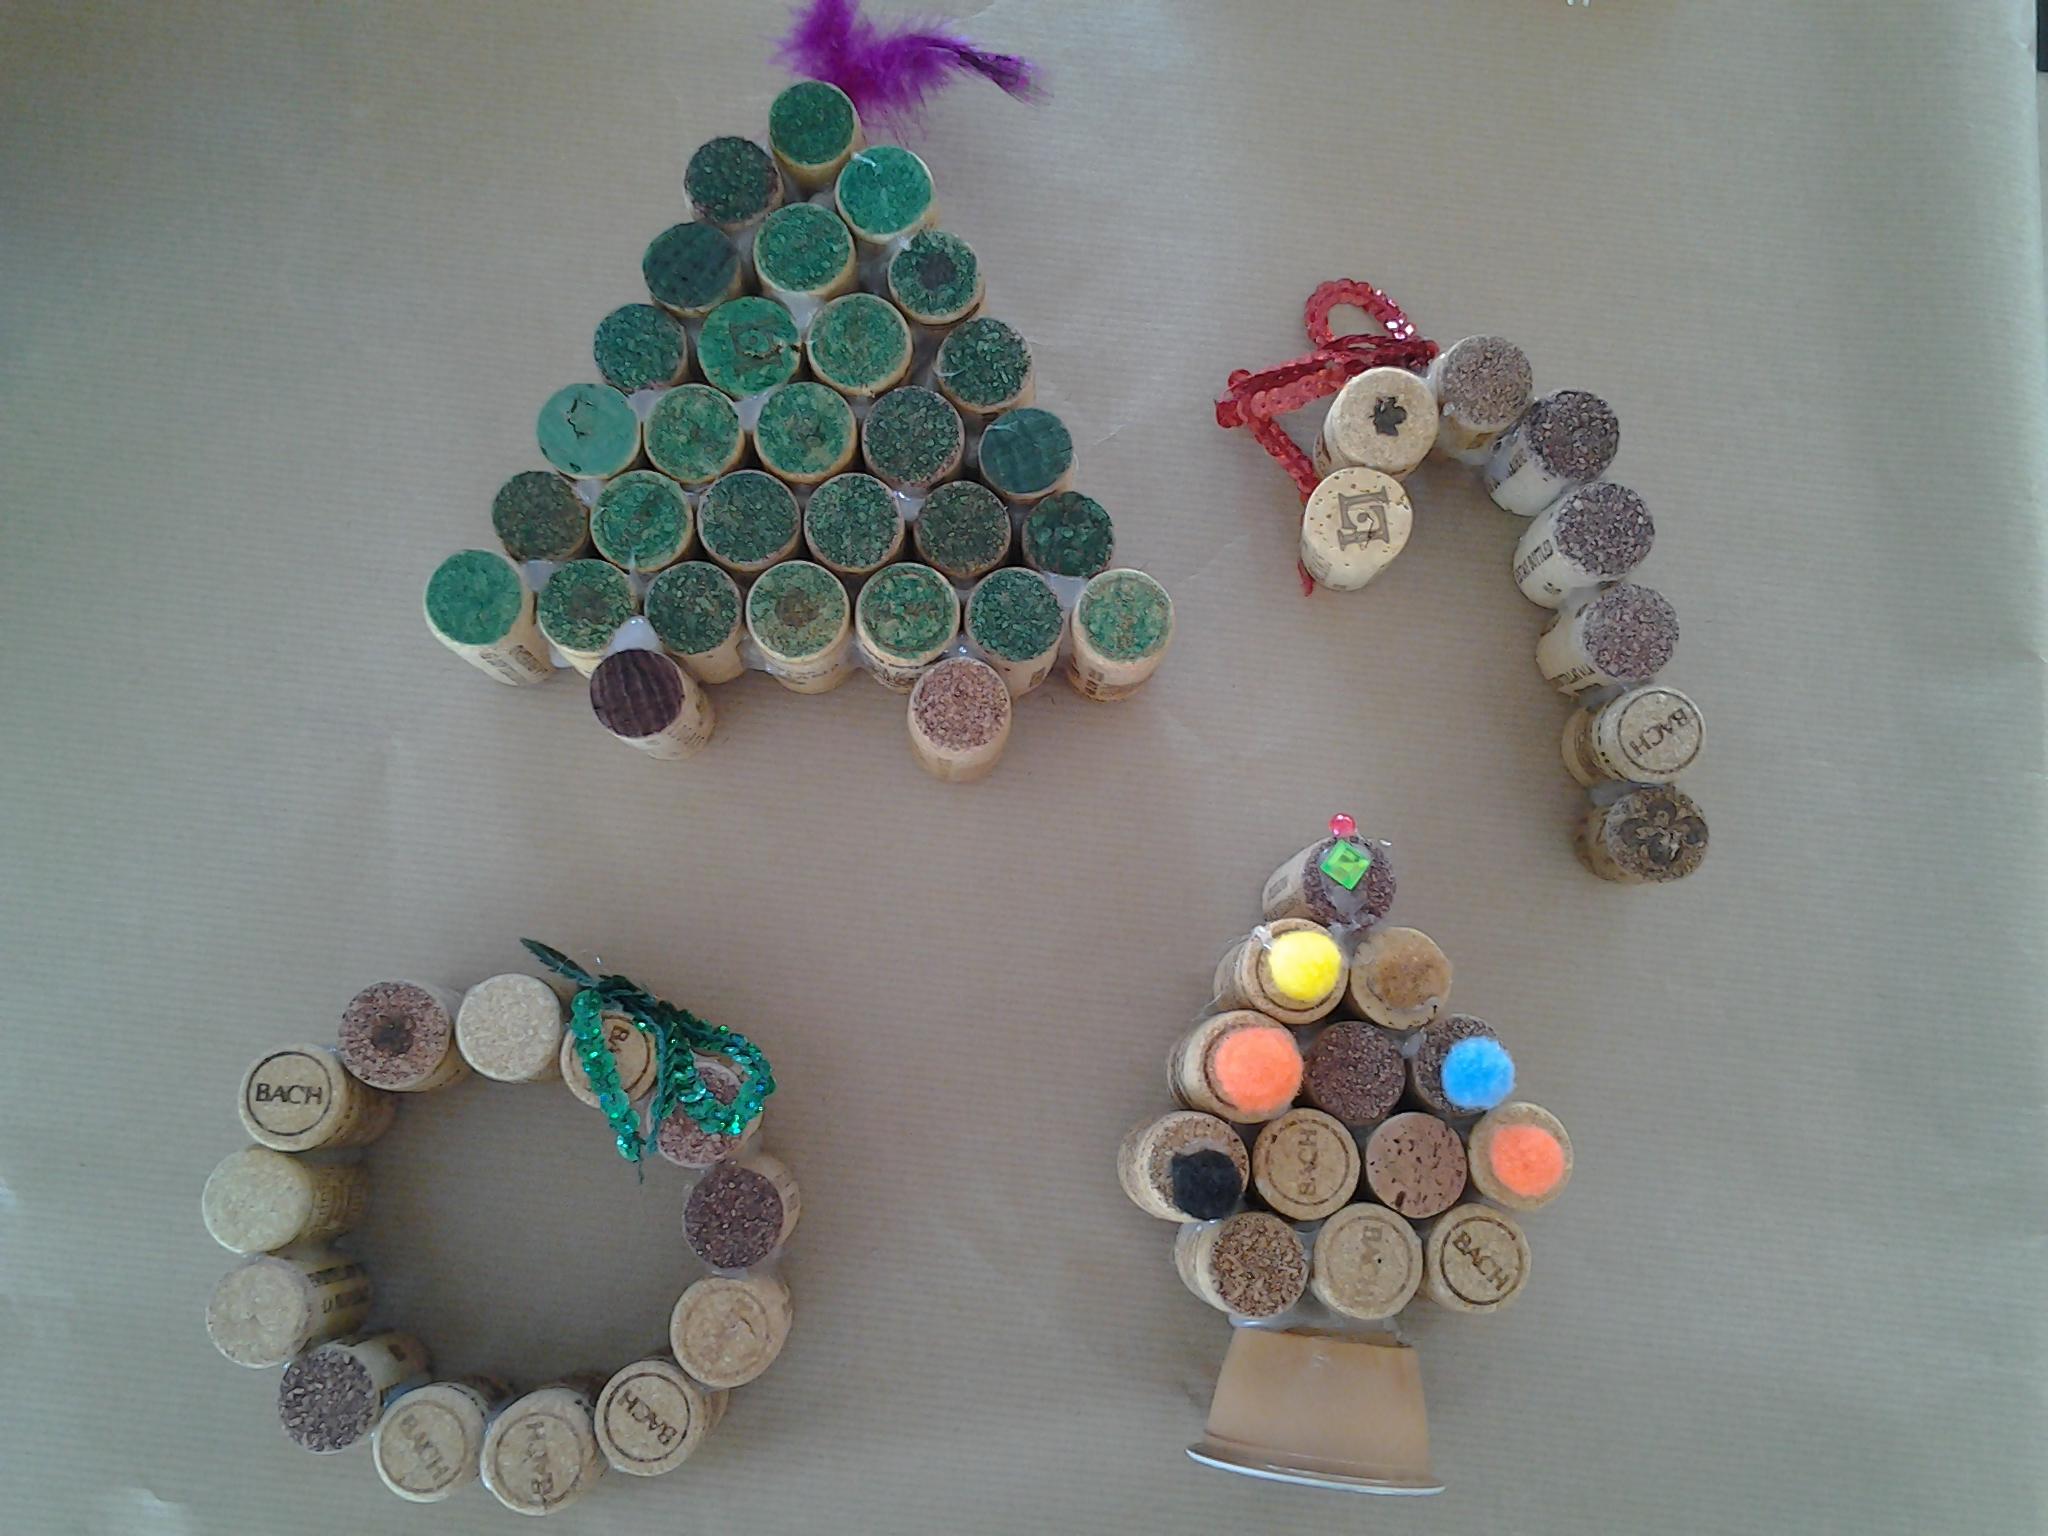 en el ies vign tambin celebramos la navidad de la forma ms sostenible todos los adornos se realizan con material reciclado aqu vemos algunos ejemplos